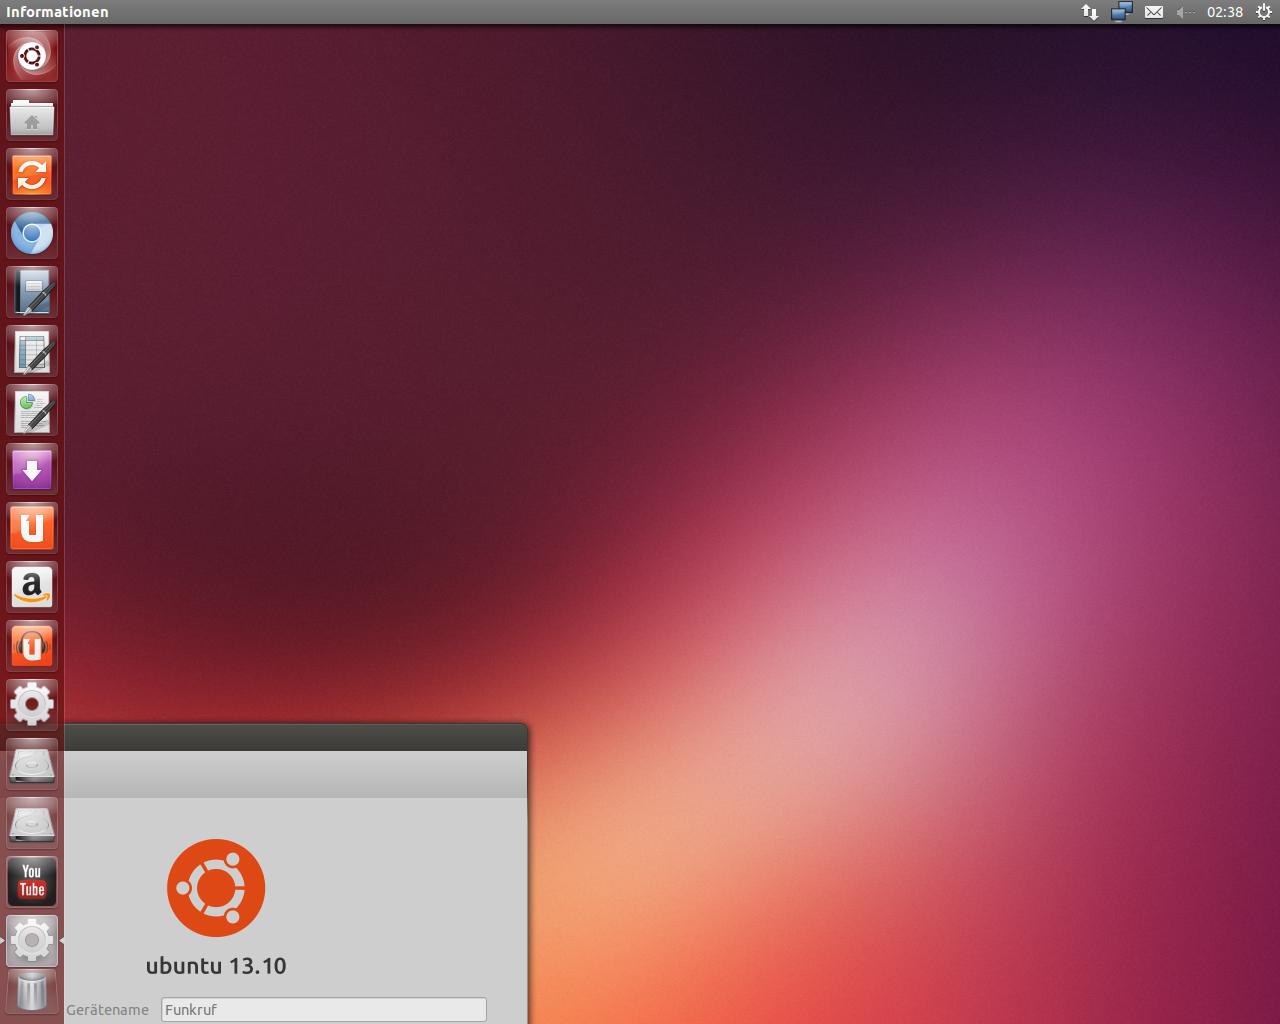 Ubuntu 13.10 Desktop File:Desktop Ubuntu 13...